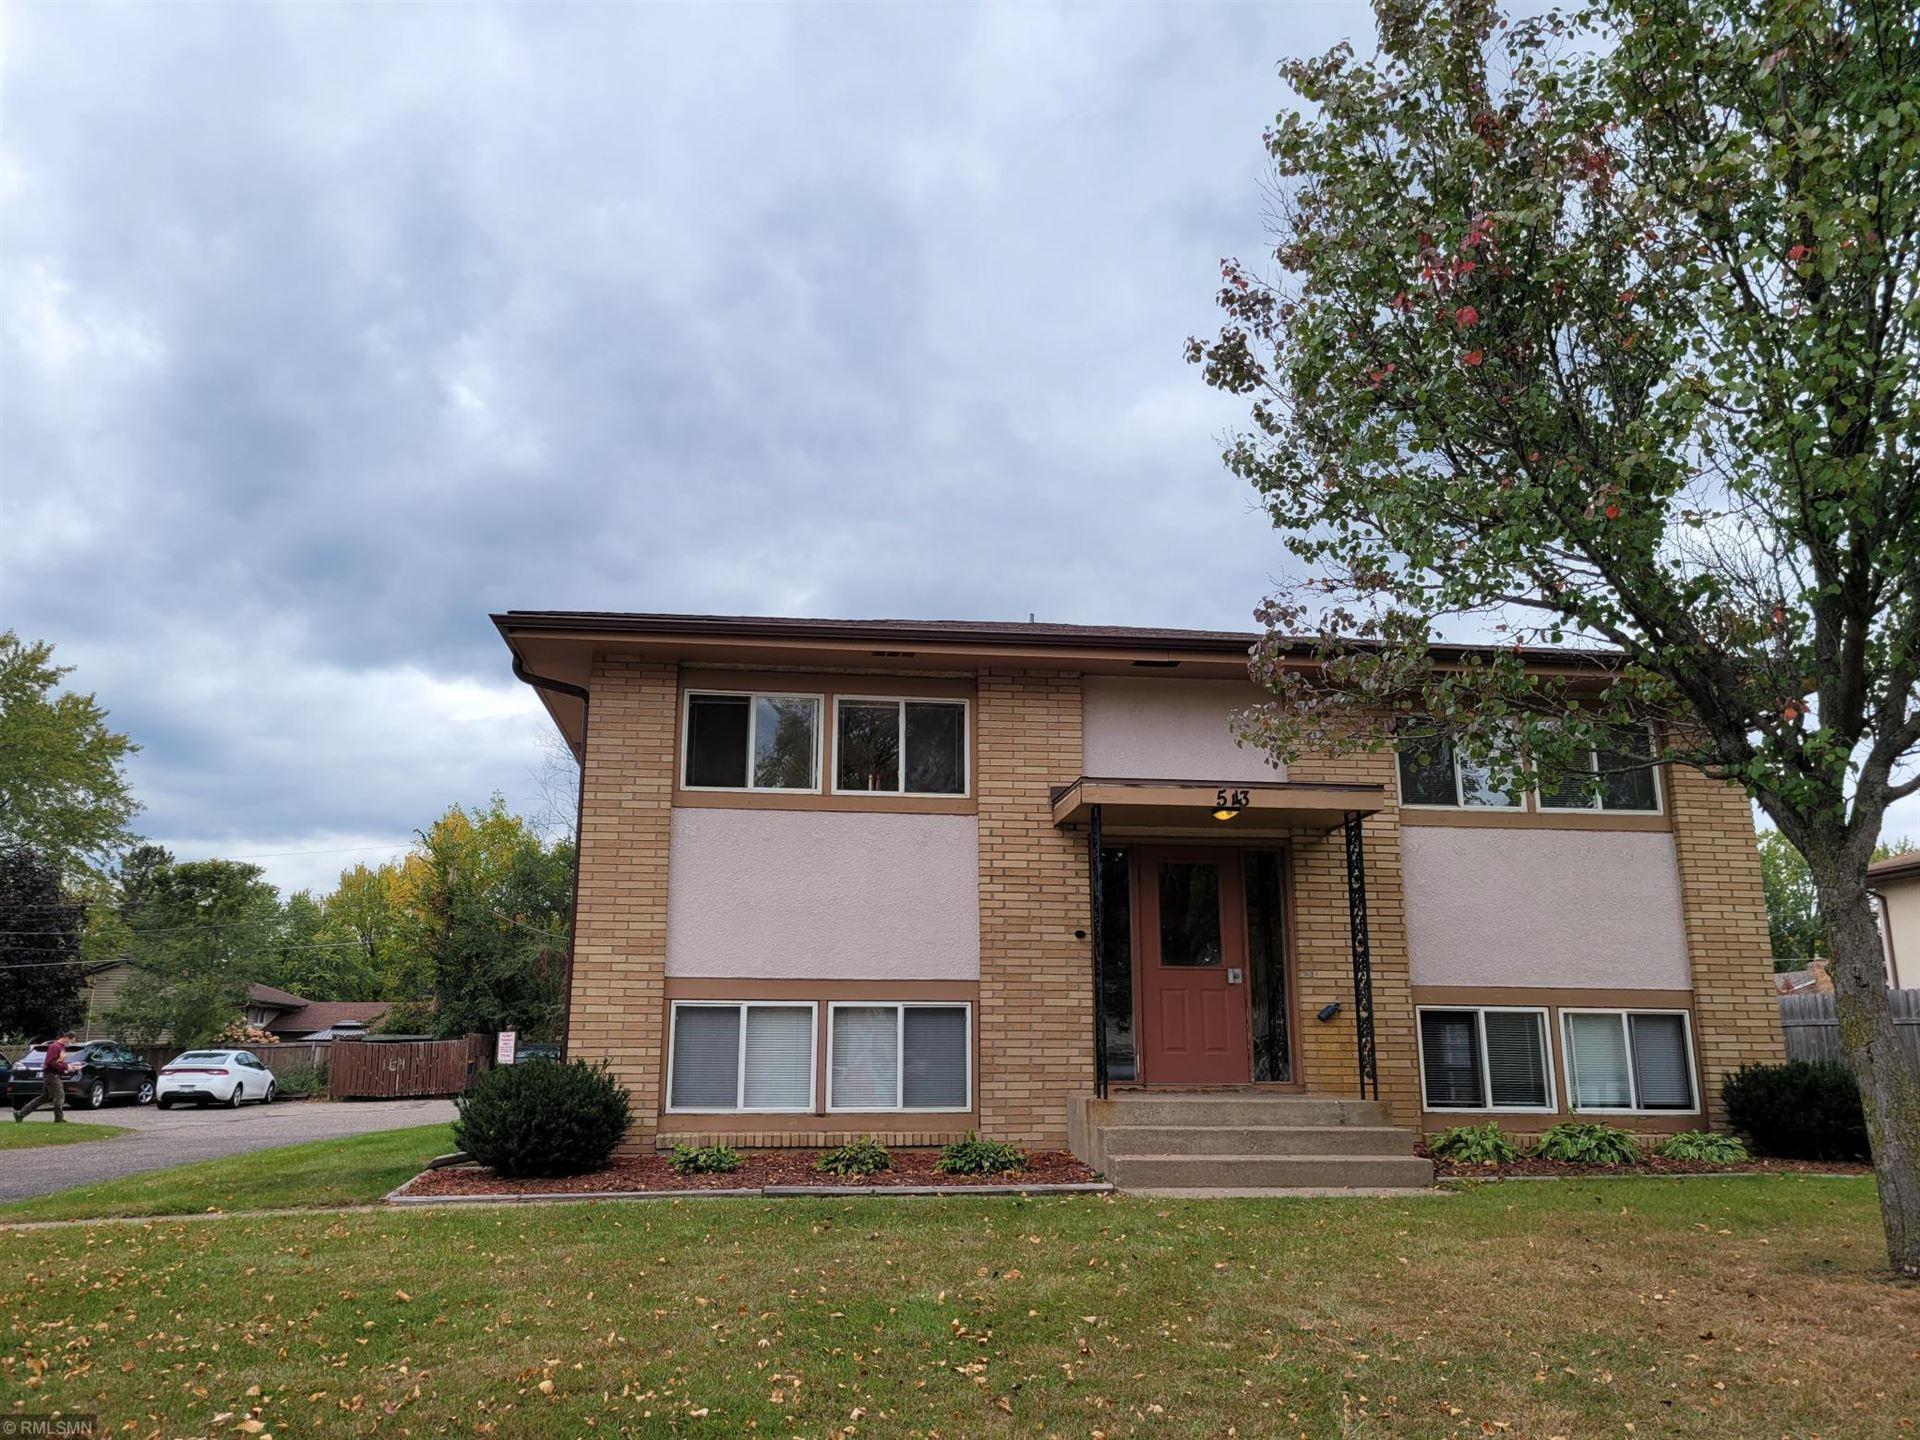 543 78th Avenue NE, Spring Lake Park, MN 55432 - MLS#: 5668864